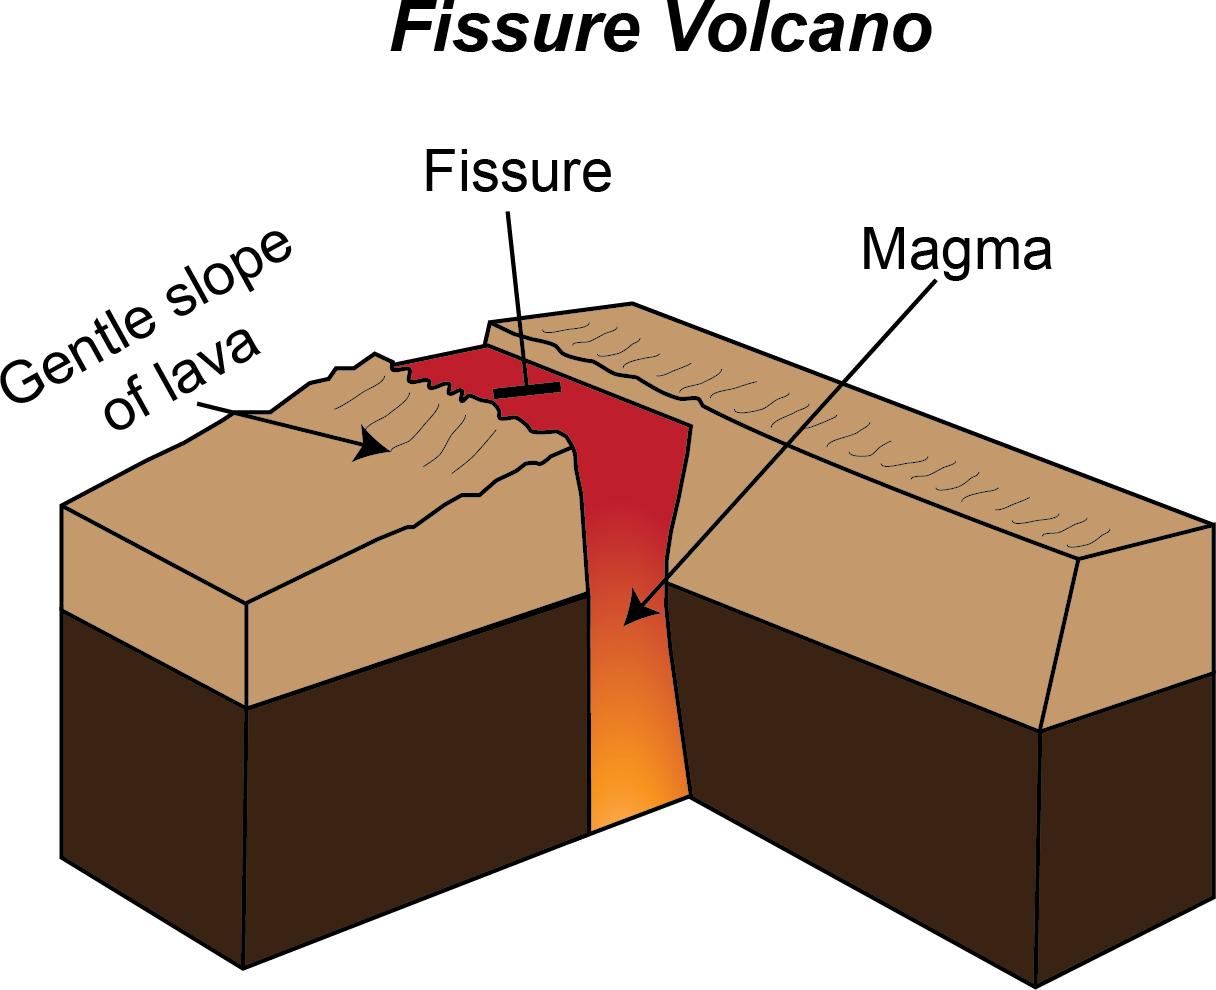 volcanic fissure diagram rh pandarestaurant us fissure vent volcano diagram fissure vent volcano diagram